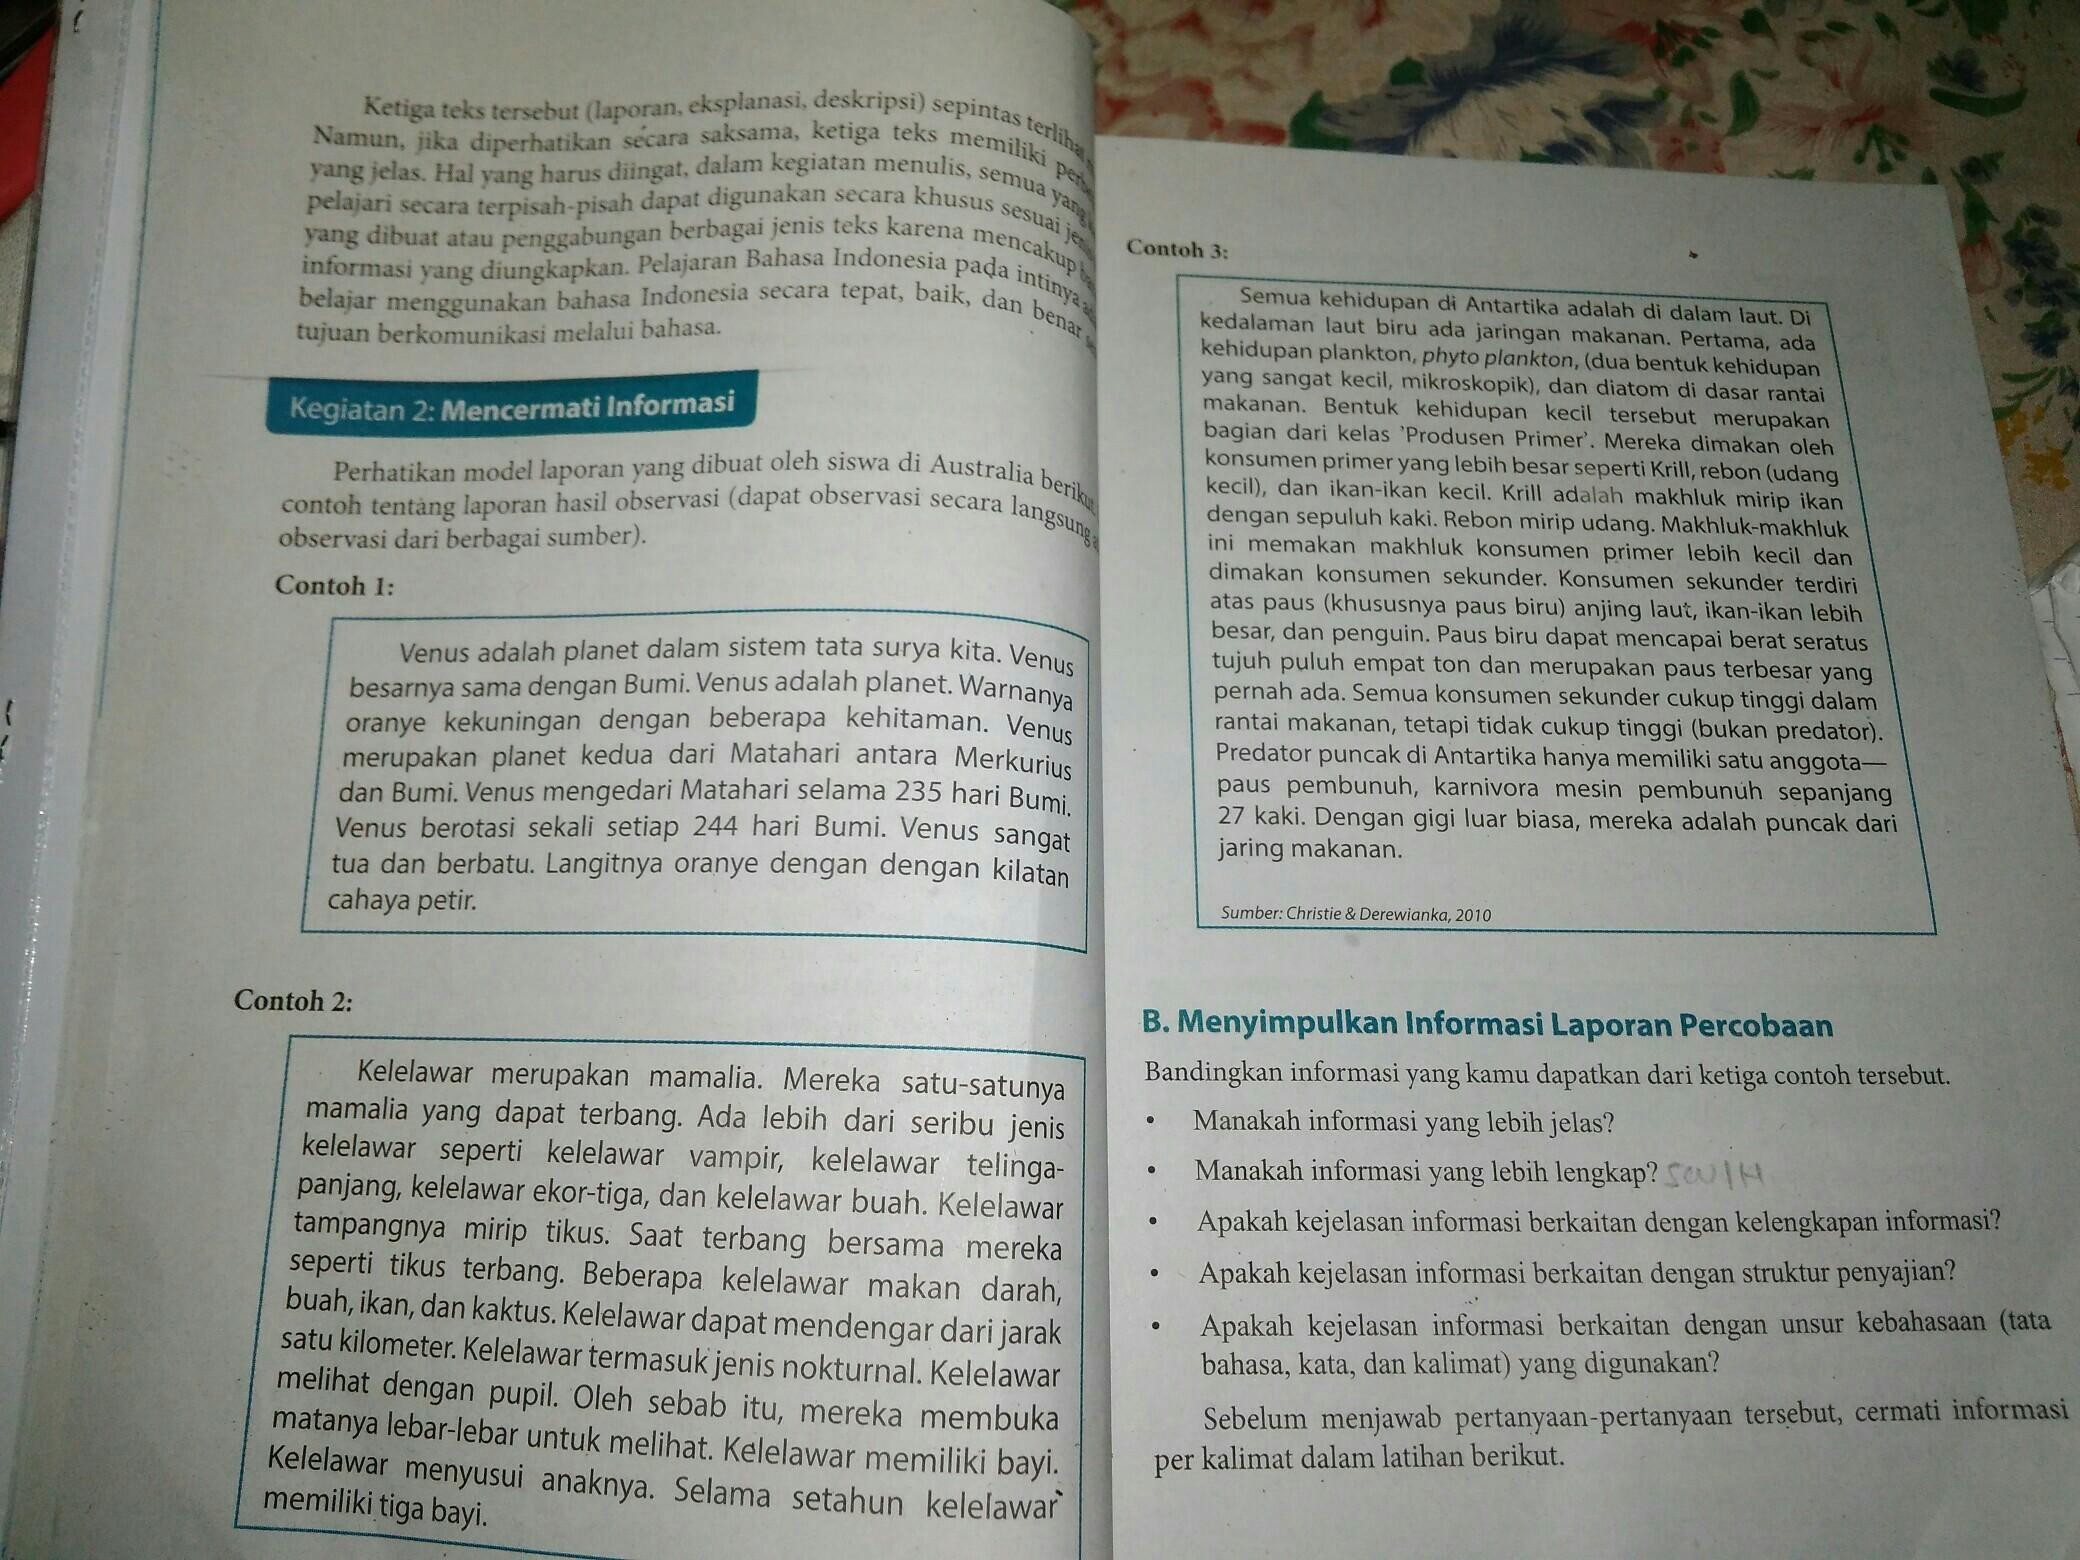 Simpulkan Informasi Laporan Percobaan Brainly Co Id